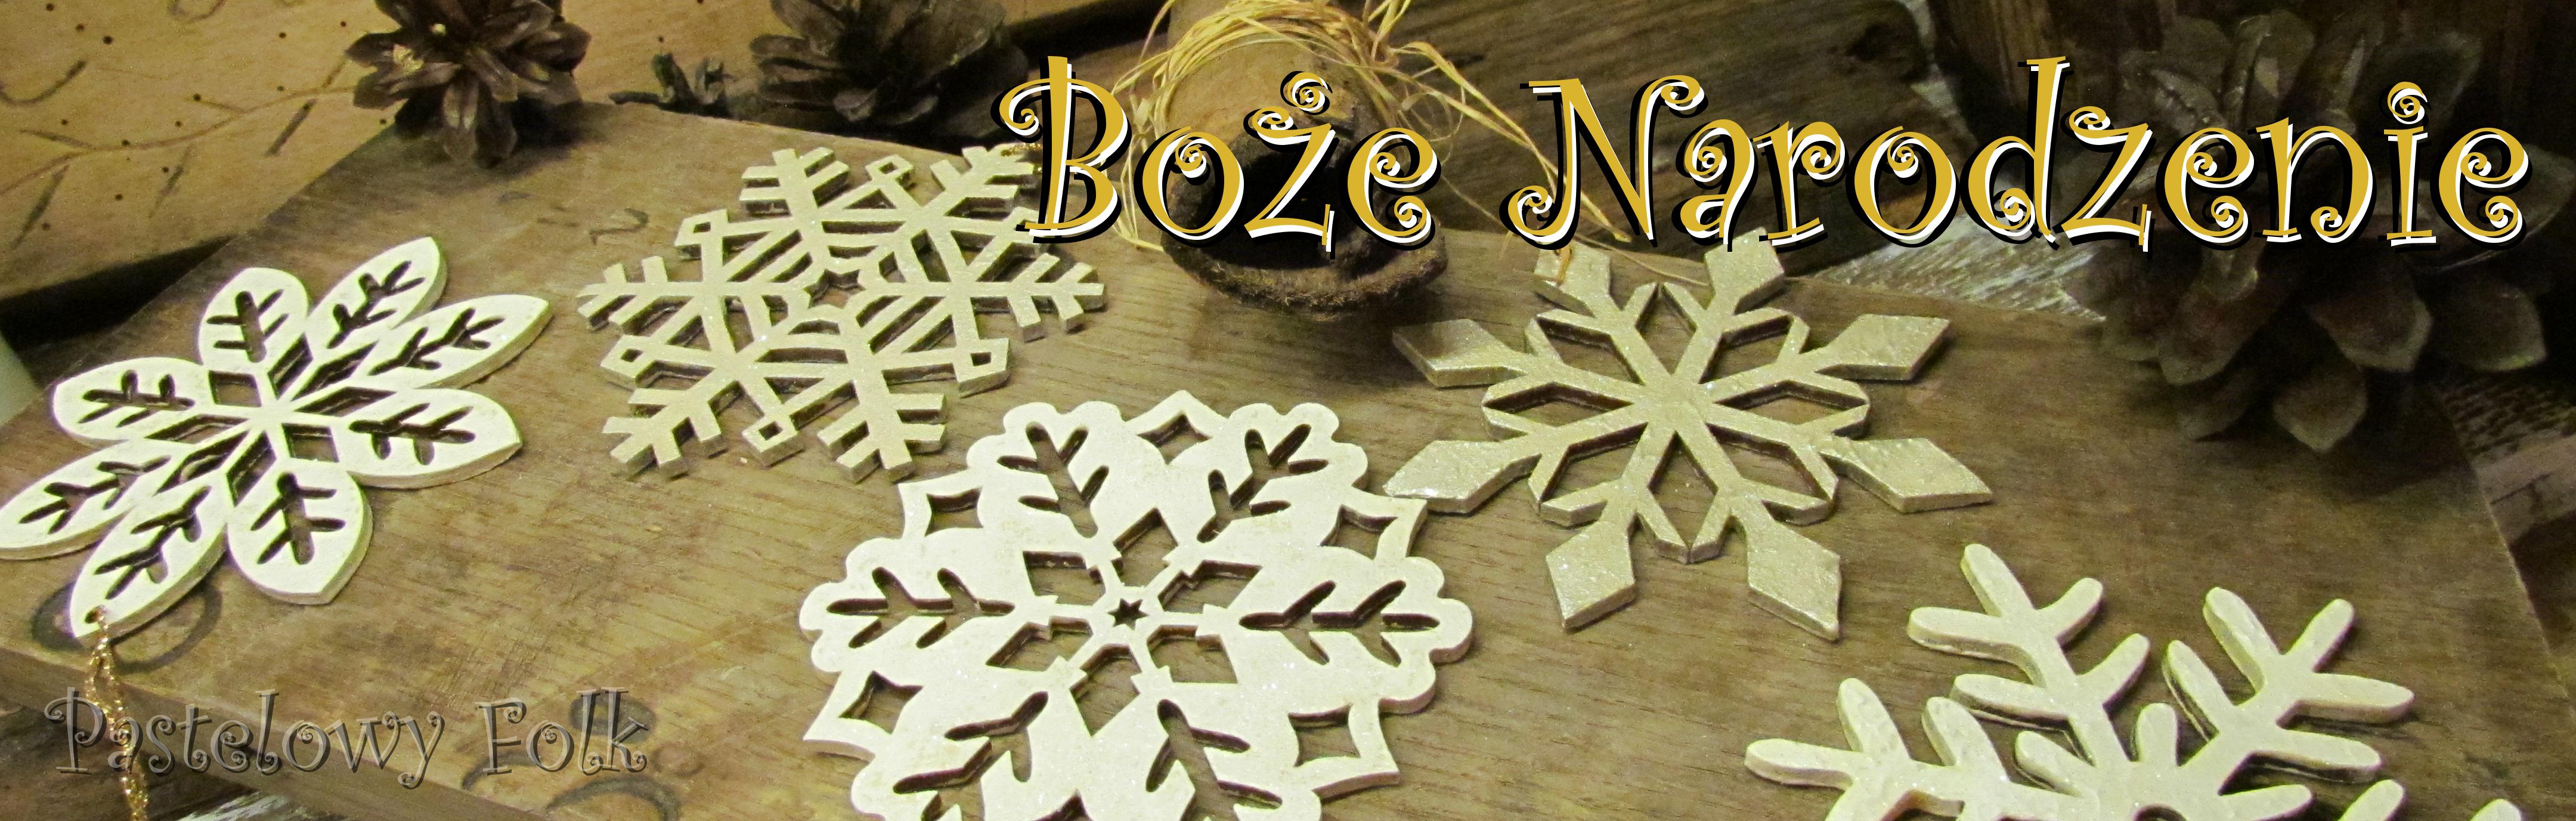 świąteczne dekoracje, ozdoby na choinkę